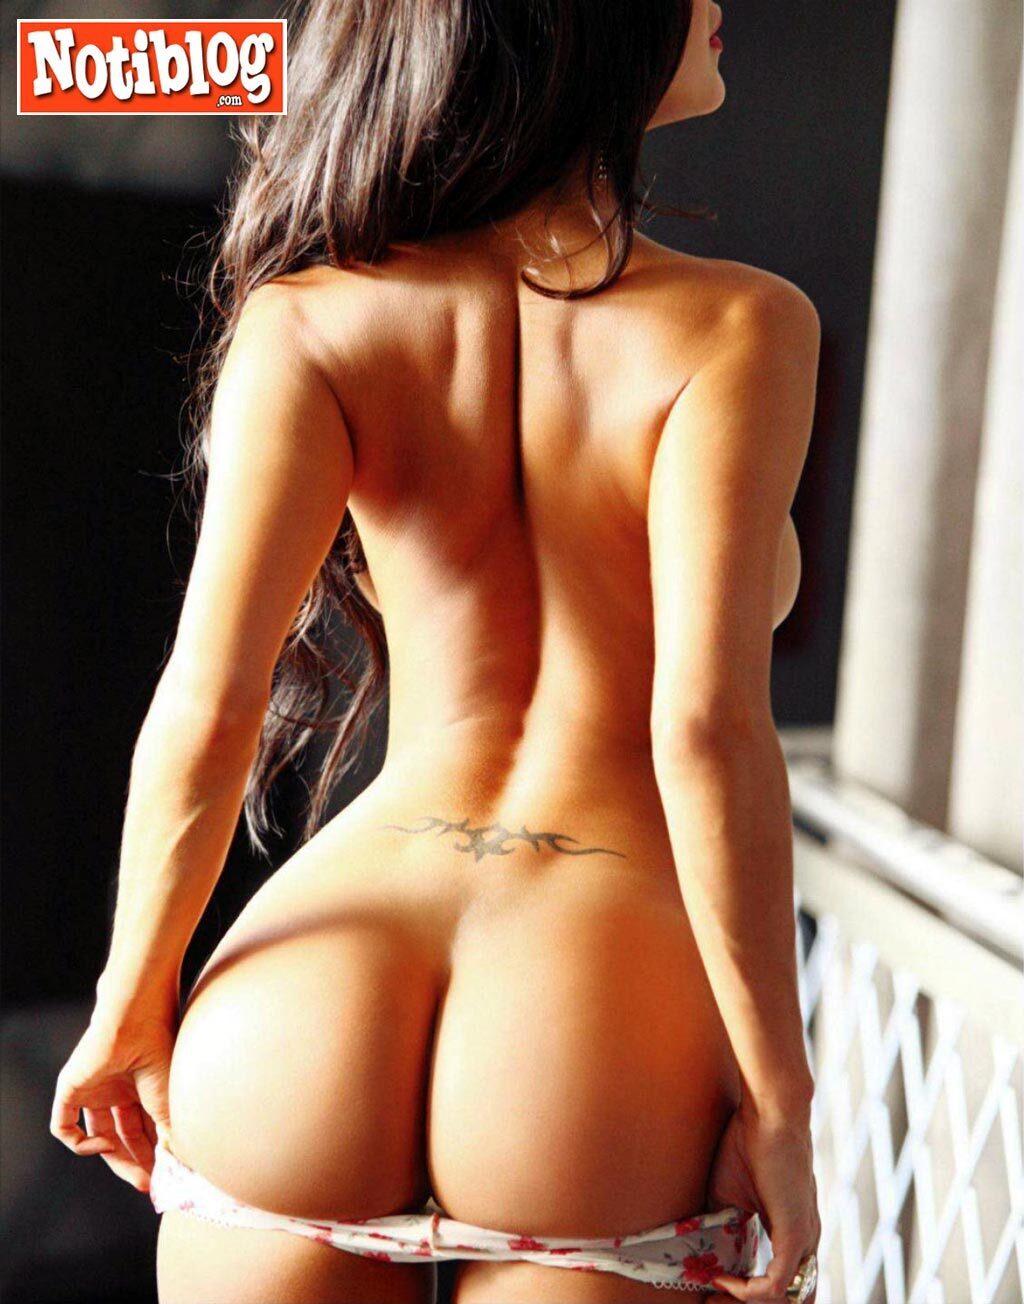 fotos famosas desnudas, culos de famosas, fotos de culos bonitos